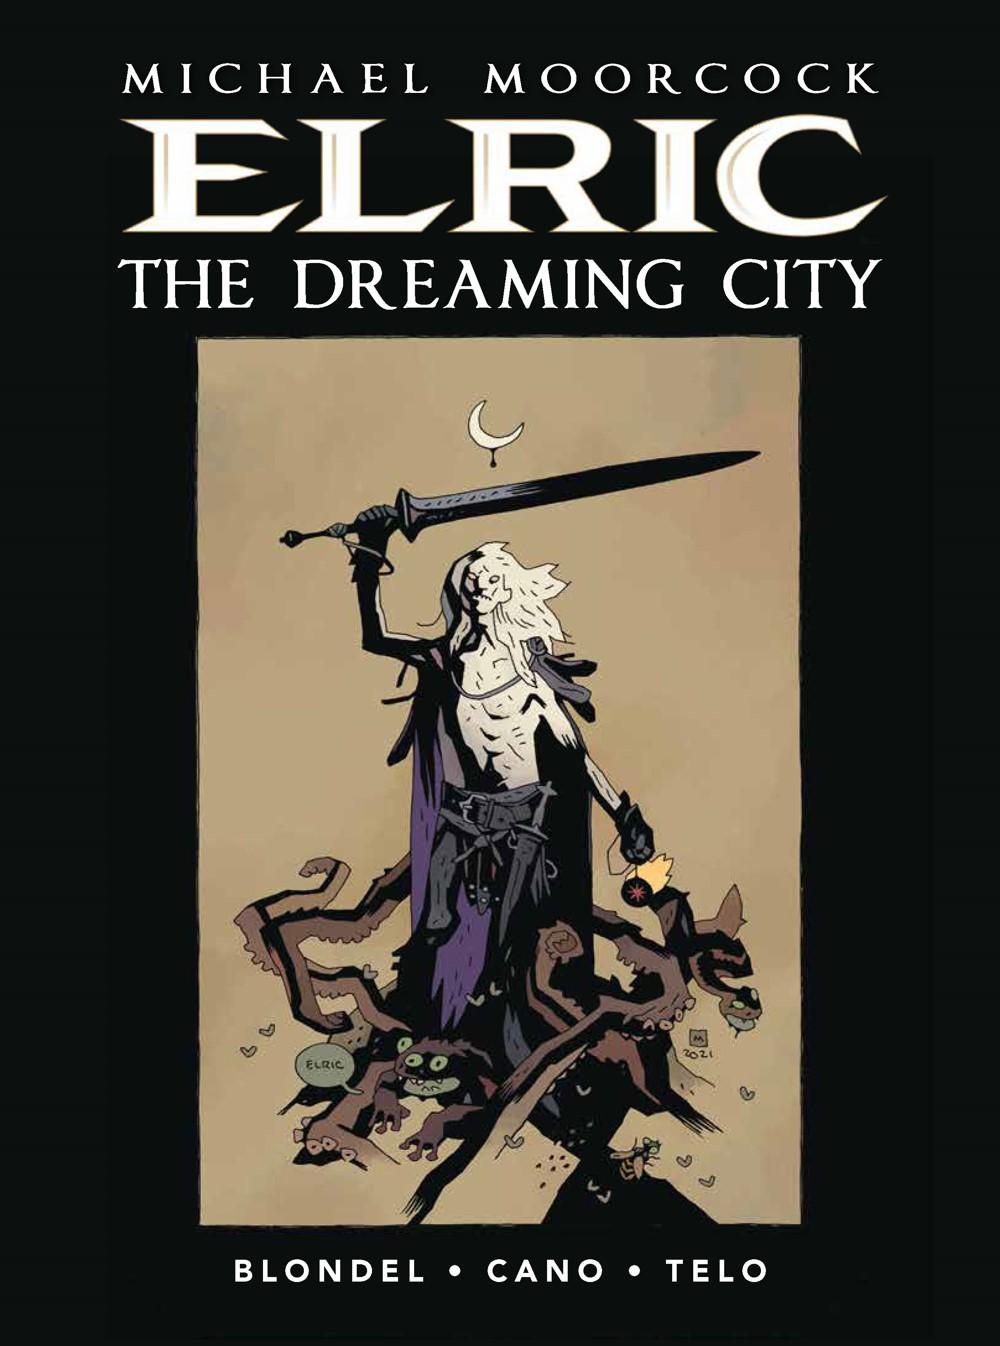 ELRIC-THE-DREAMING-CITY-HC-MIGNOLA-PX Titan Comics October 2021 Solicitations